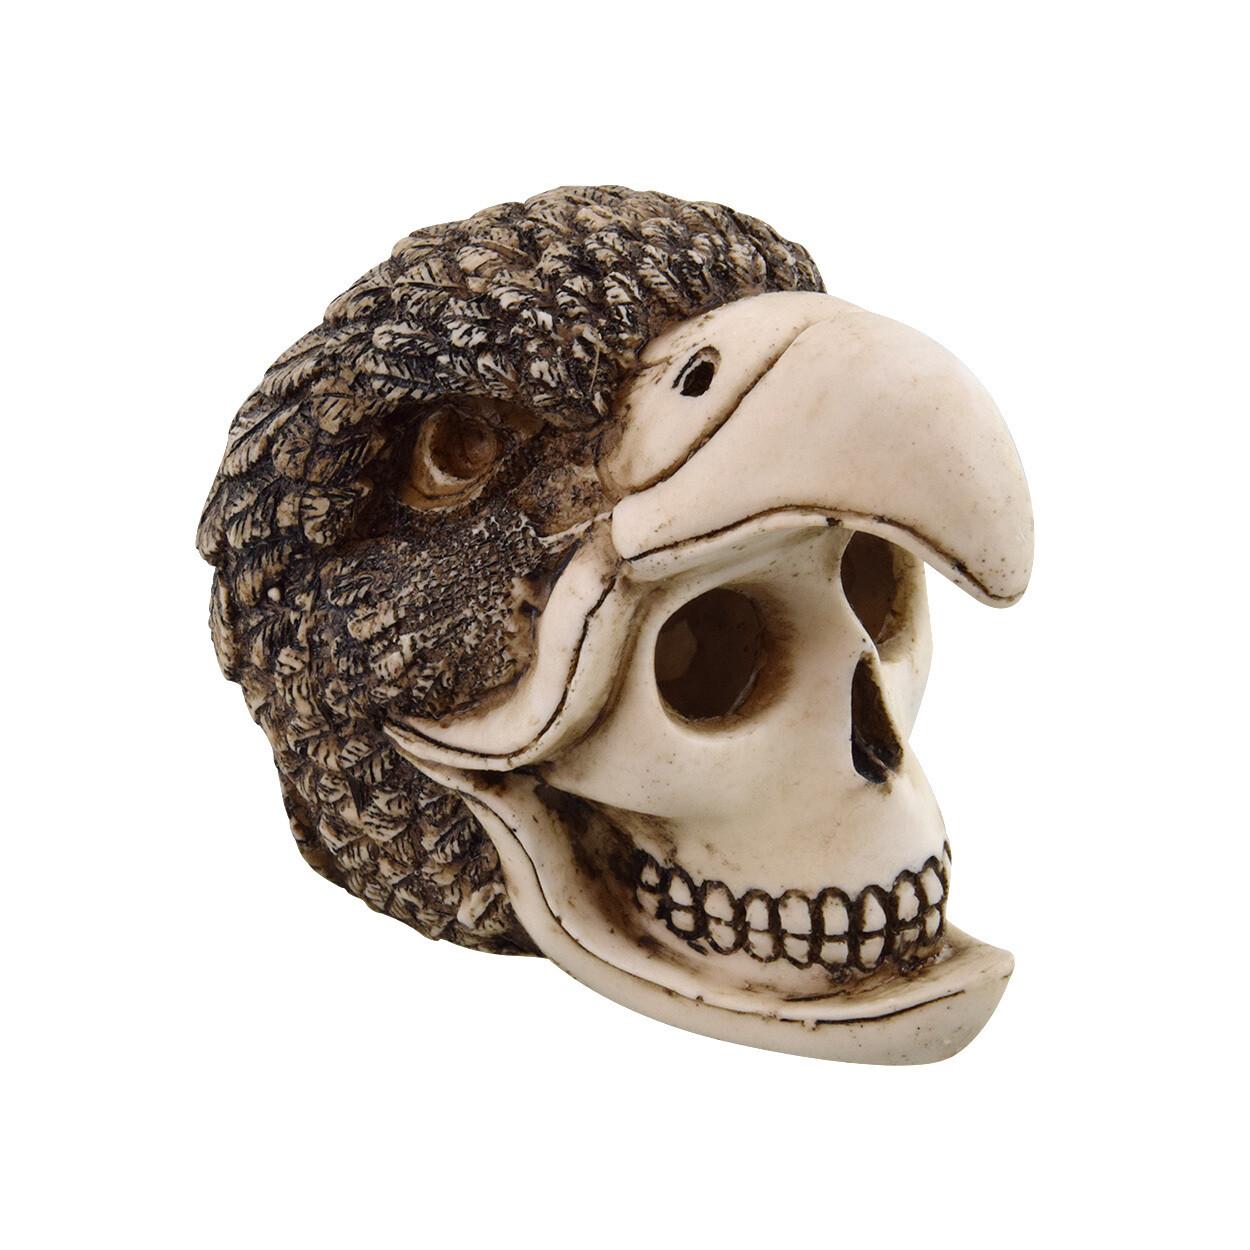 Underwater Treasures Birdman Skull